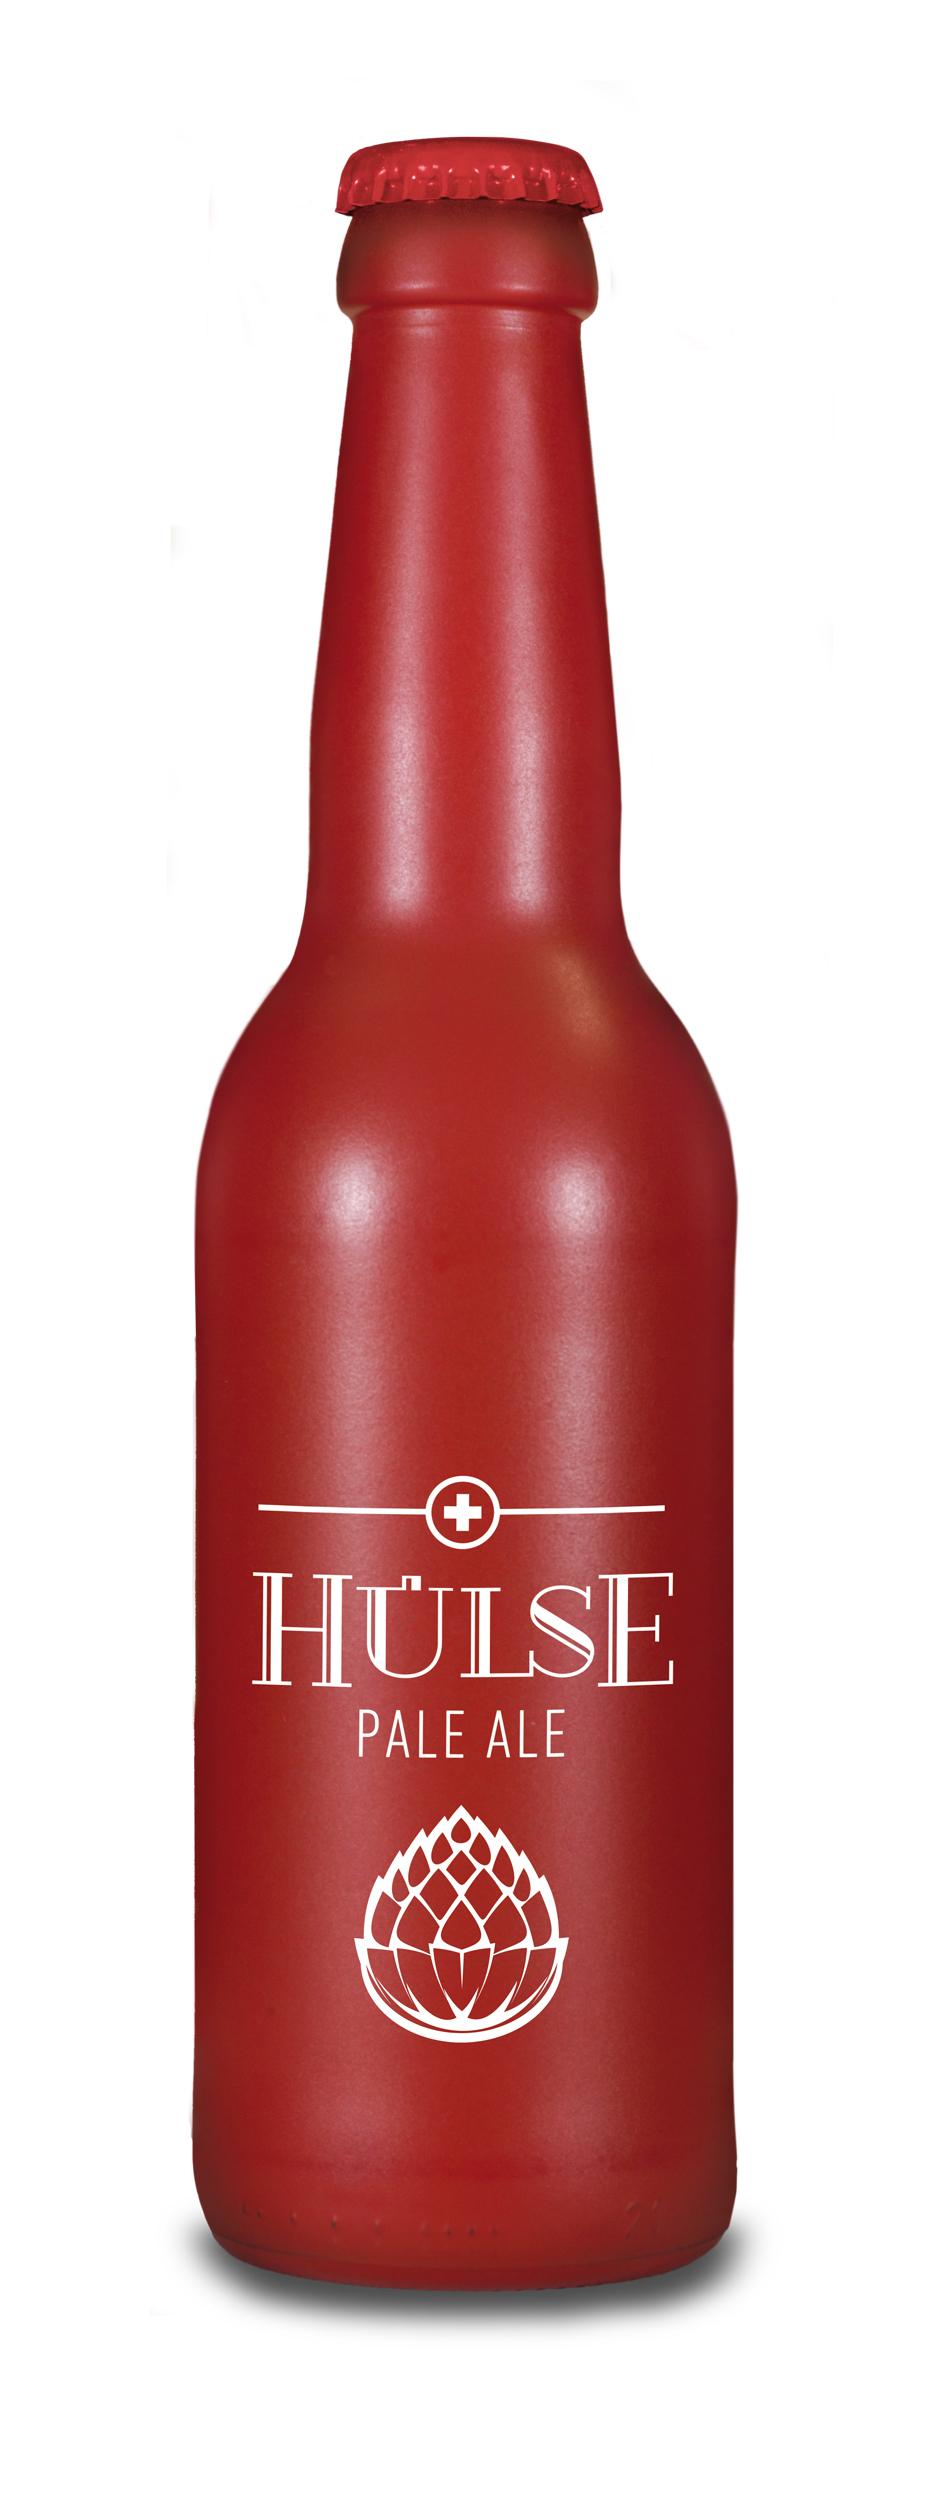 Hülse Pale Ale